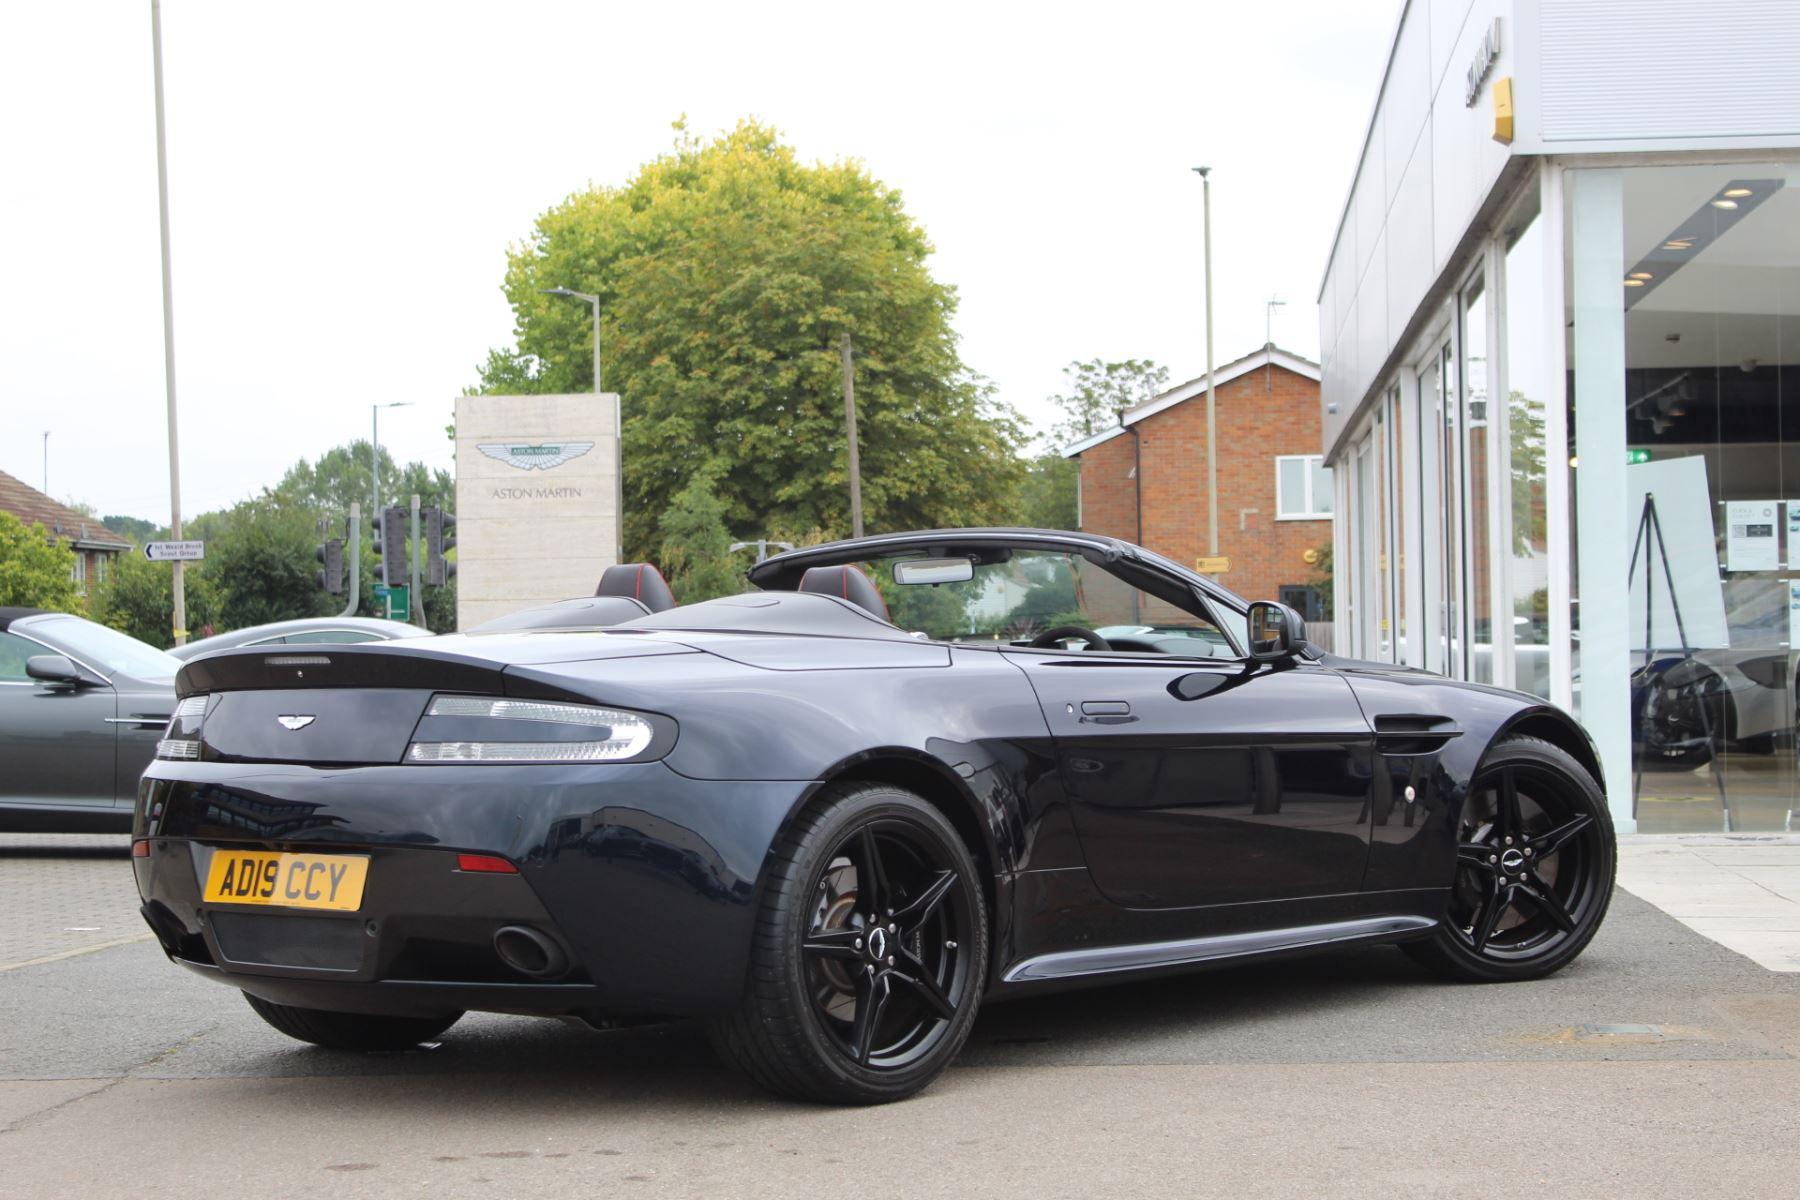 Aston Martin Vantage AMR AMR 2dr Sportshift II 1 of 200 AMR Roadster  image 2